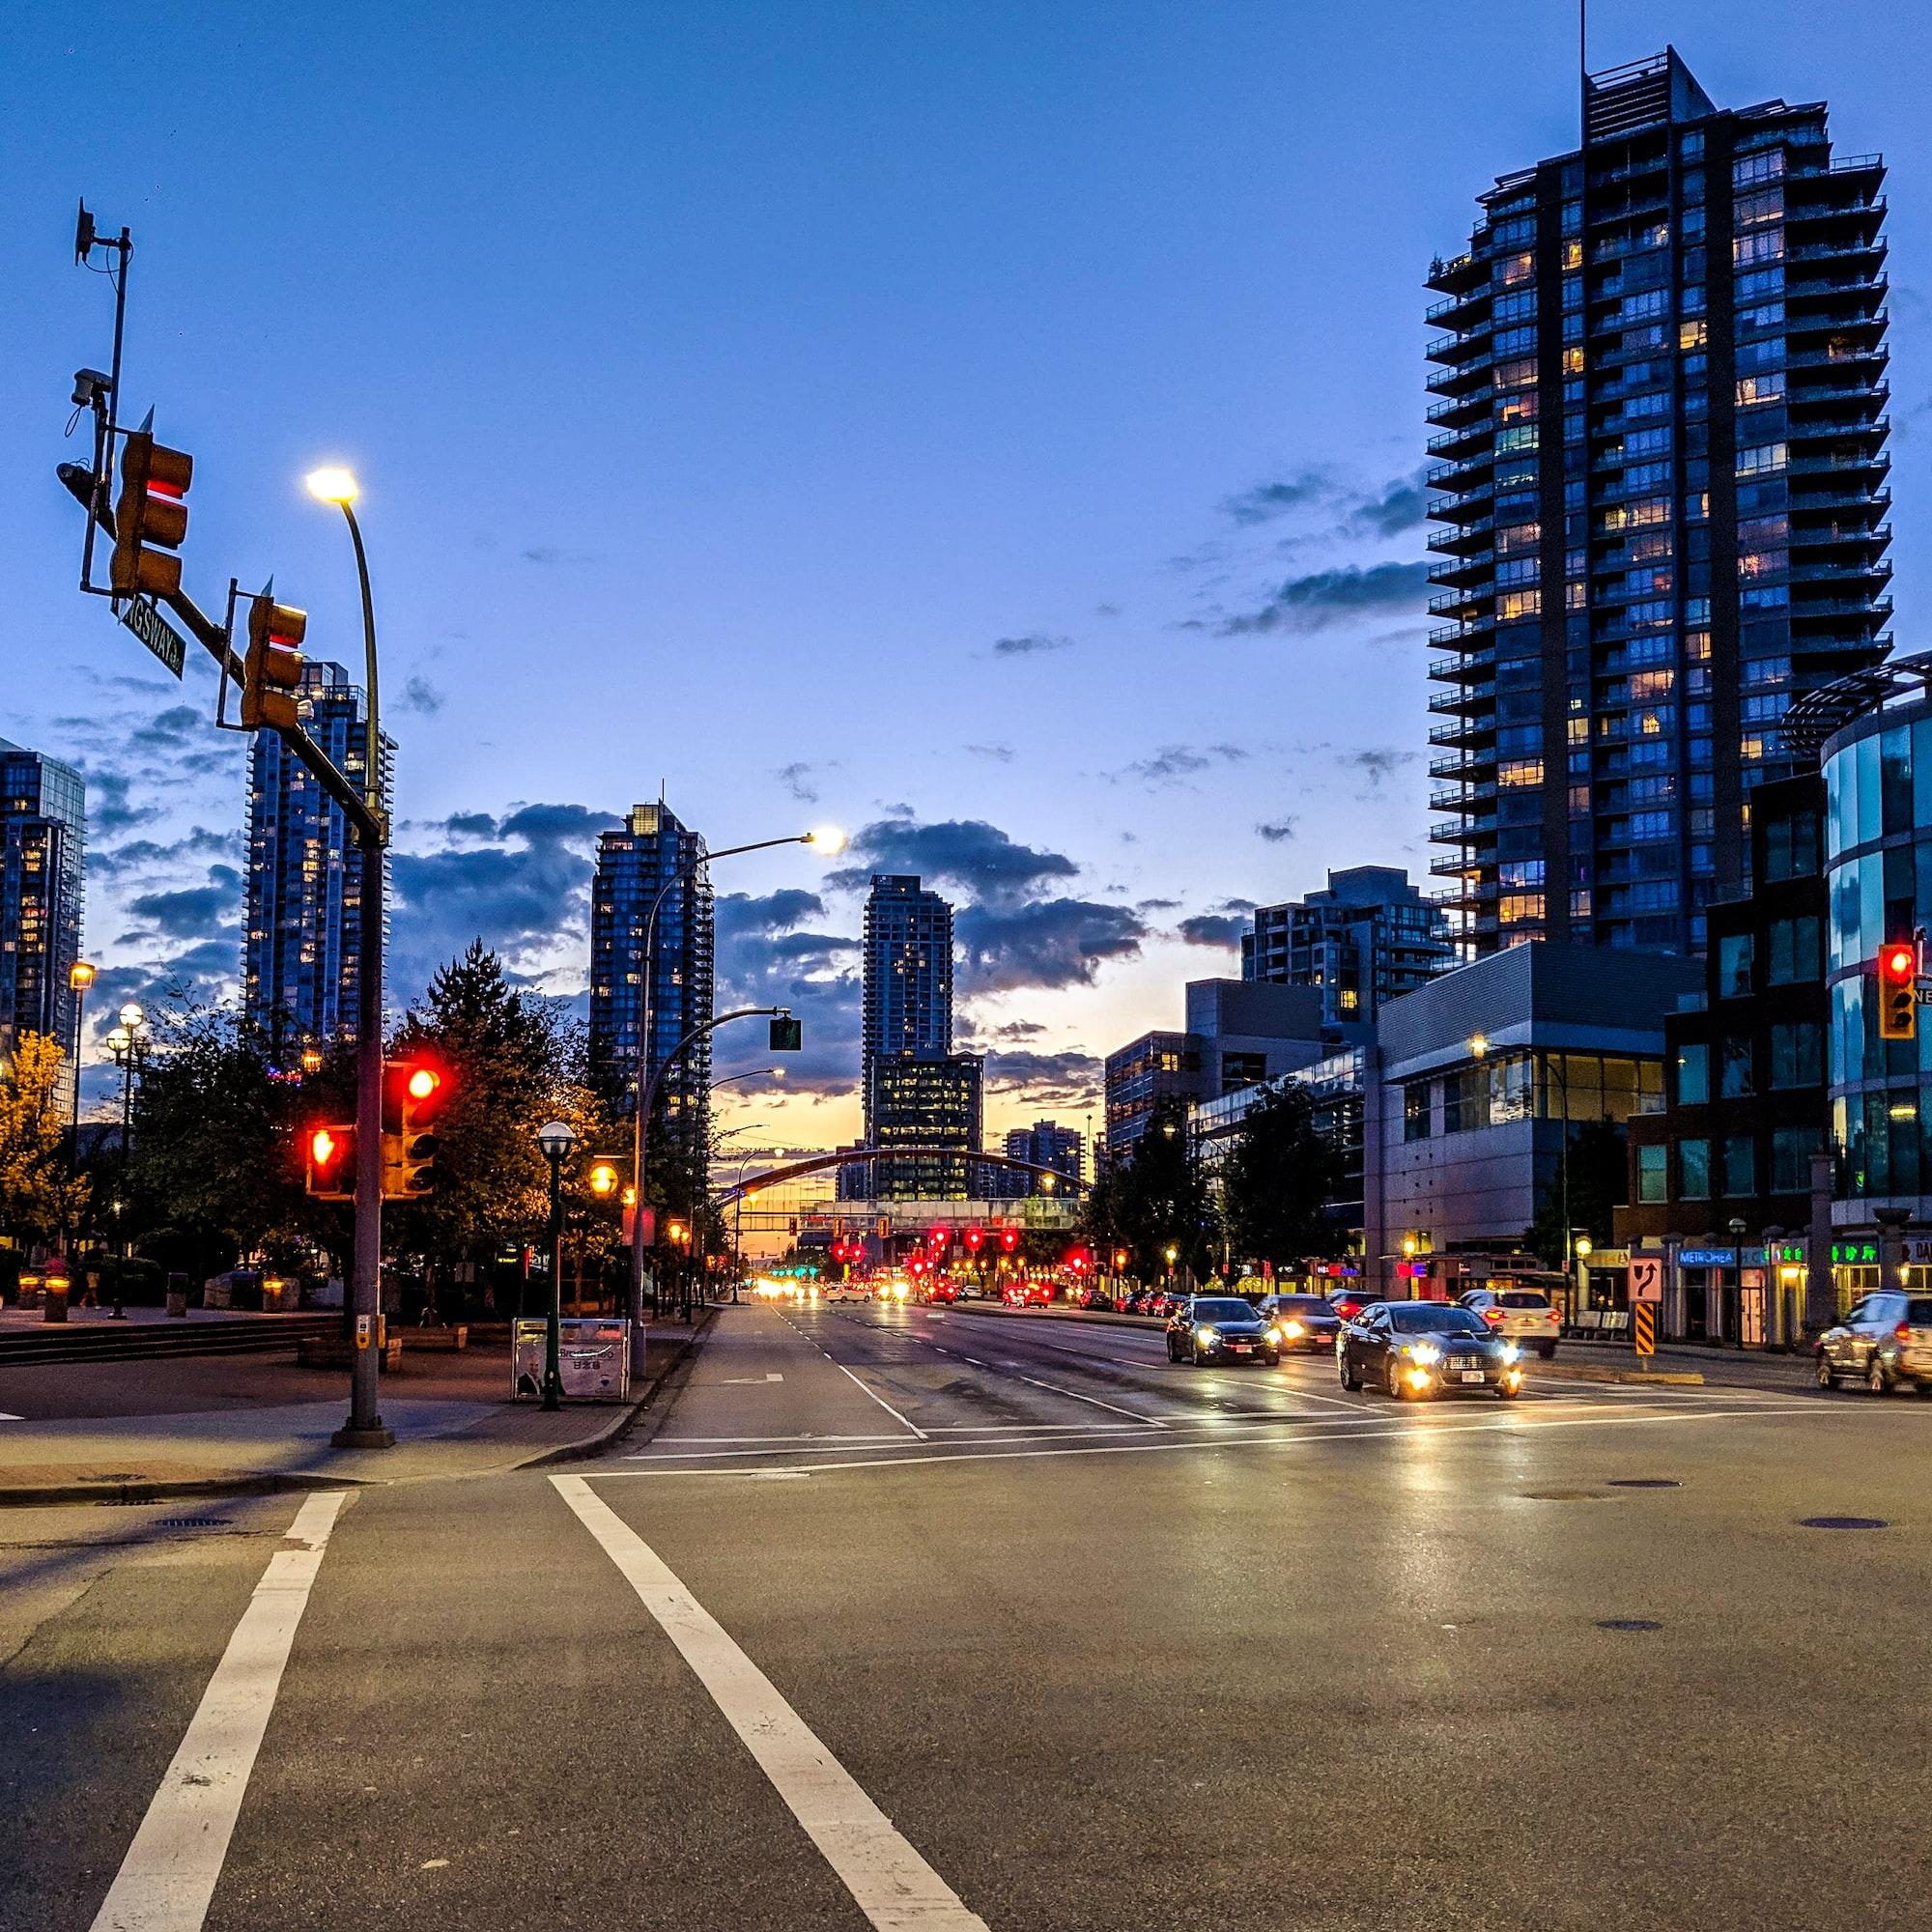 独立屋涨公寓跌,加拿大房价还会跌吗?